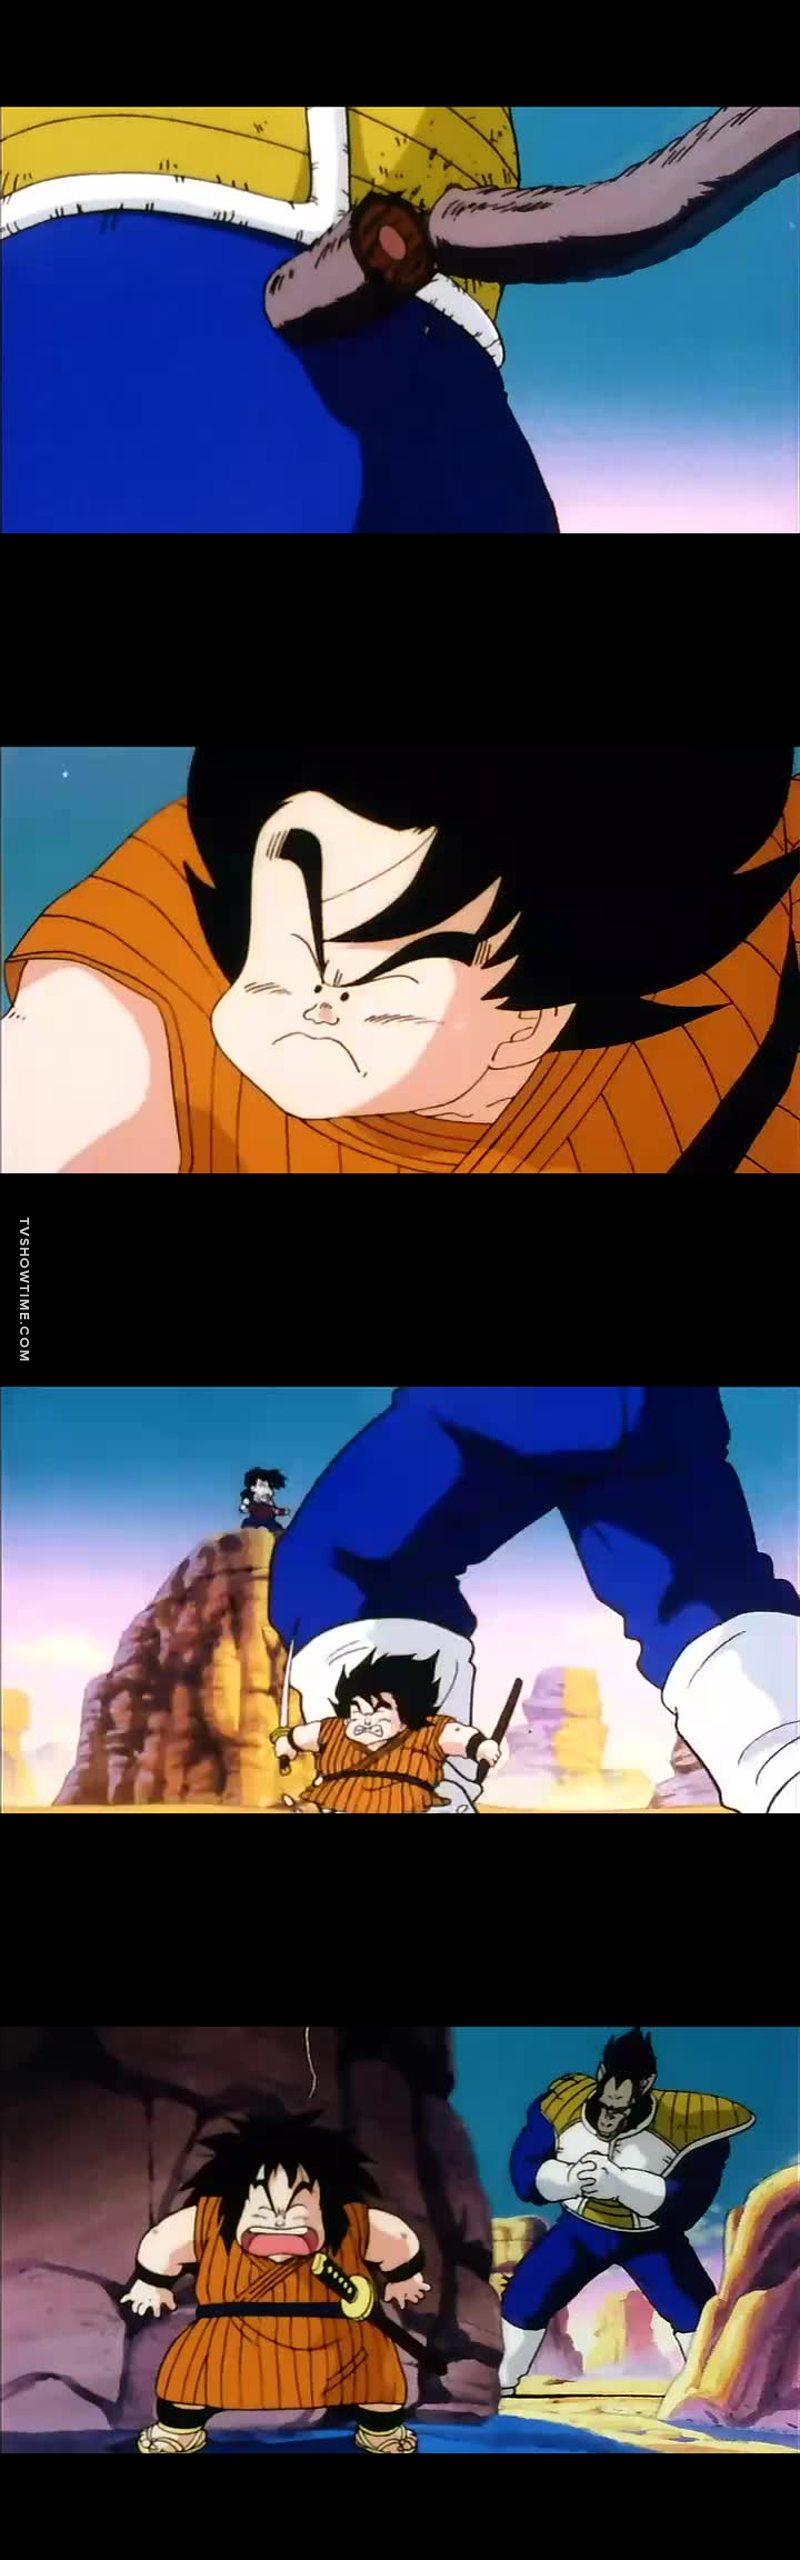 Esse é grande feito (e único) do Yajirobe em todo Dragon Ball. Bem que poderia ter a opção de votar nele como o melhor do episódio, pô!